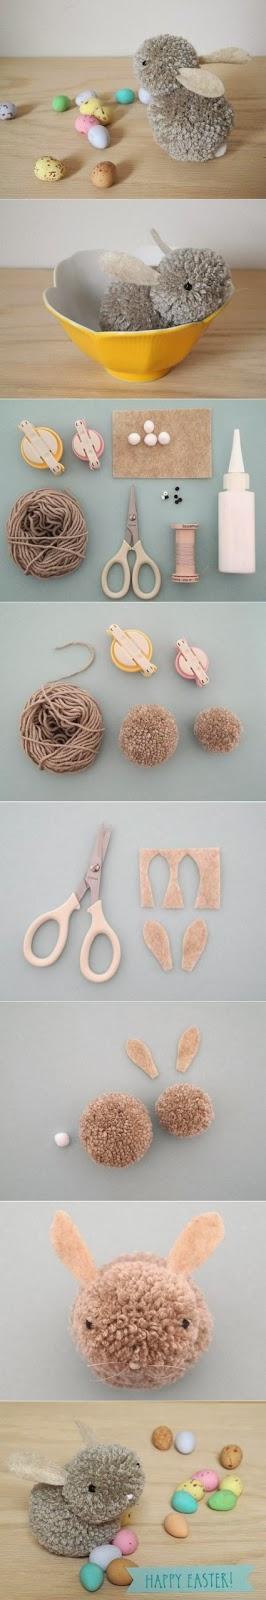 Décoration-de-peluche-DIY